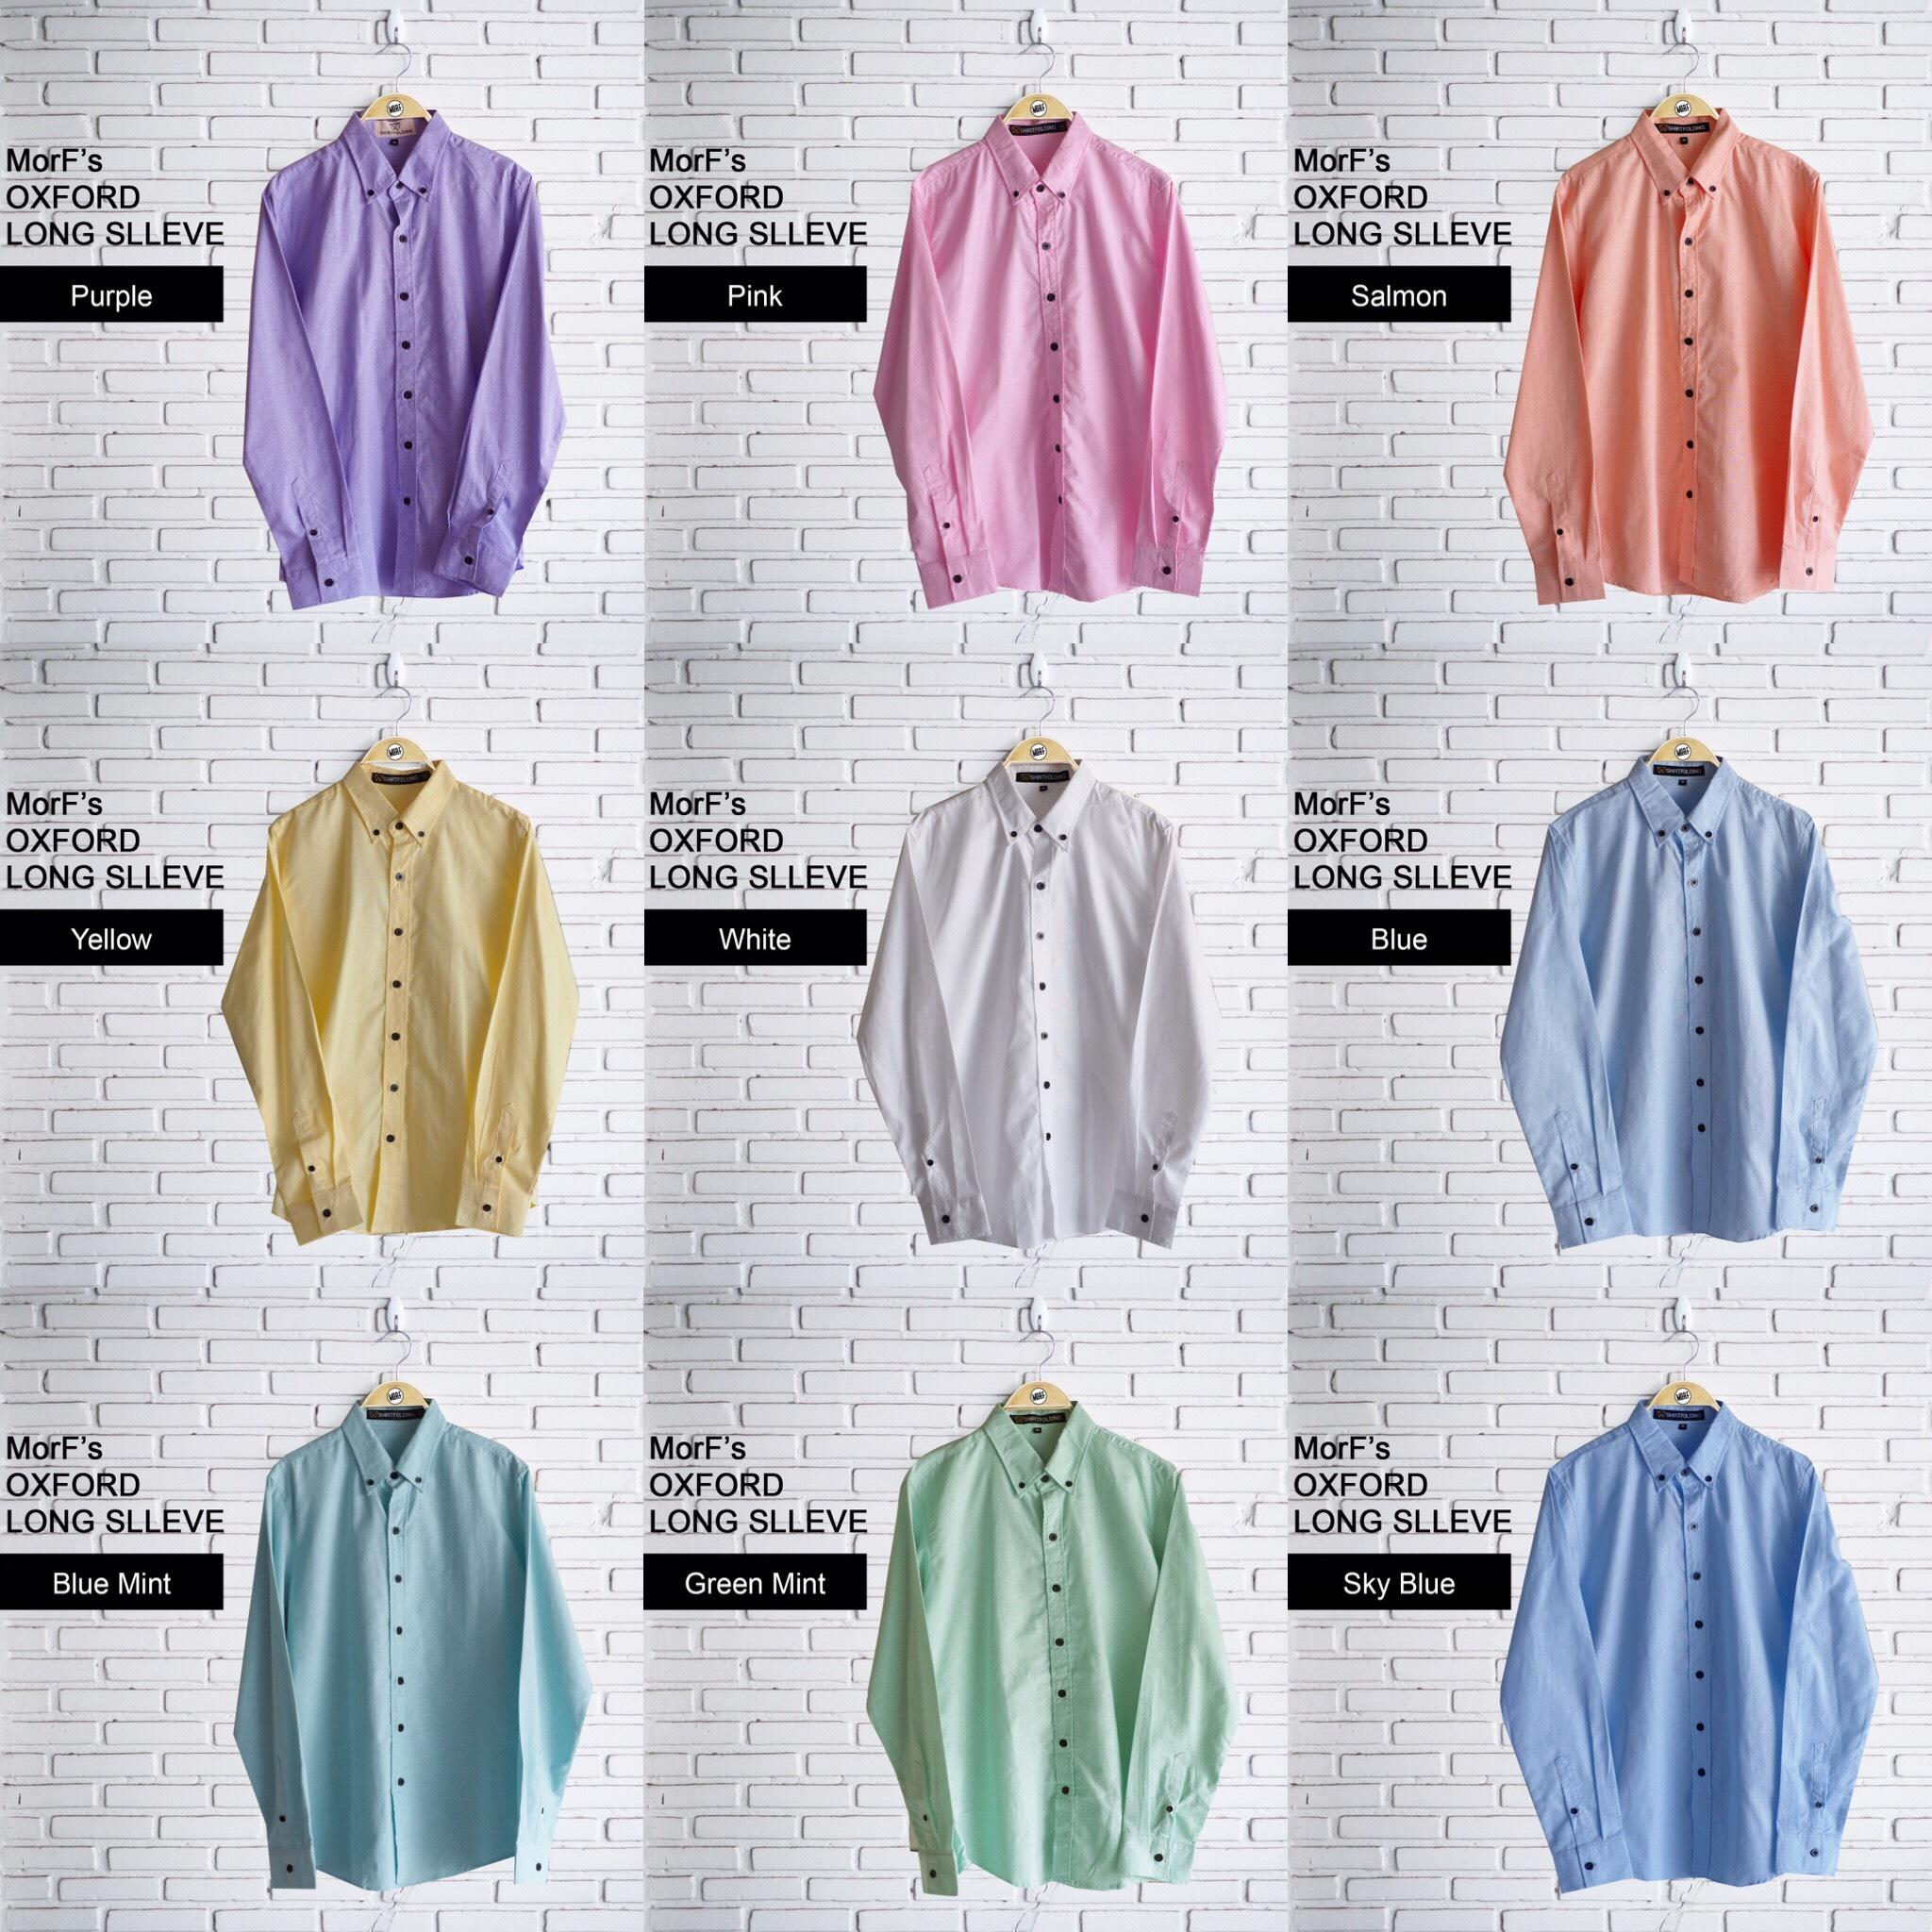 เสื้อเชิ้ต,เสื้อทำงาน,เสื้อไปงานแต่ง,พาสเทล,pastel,สี,Basic,morf_clothes